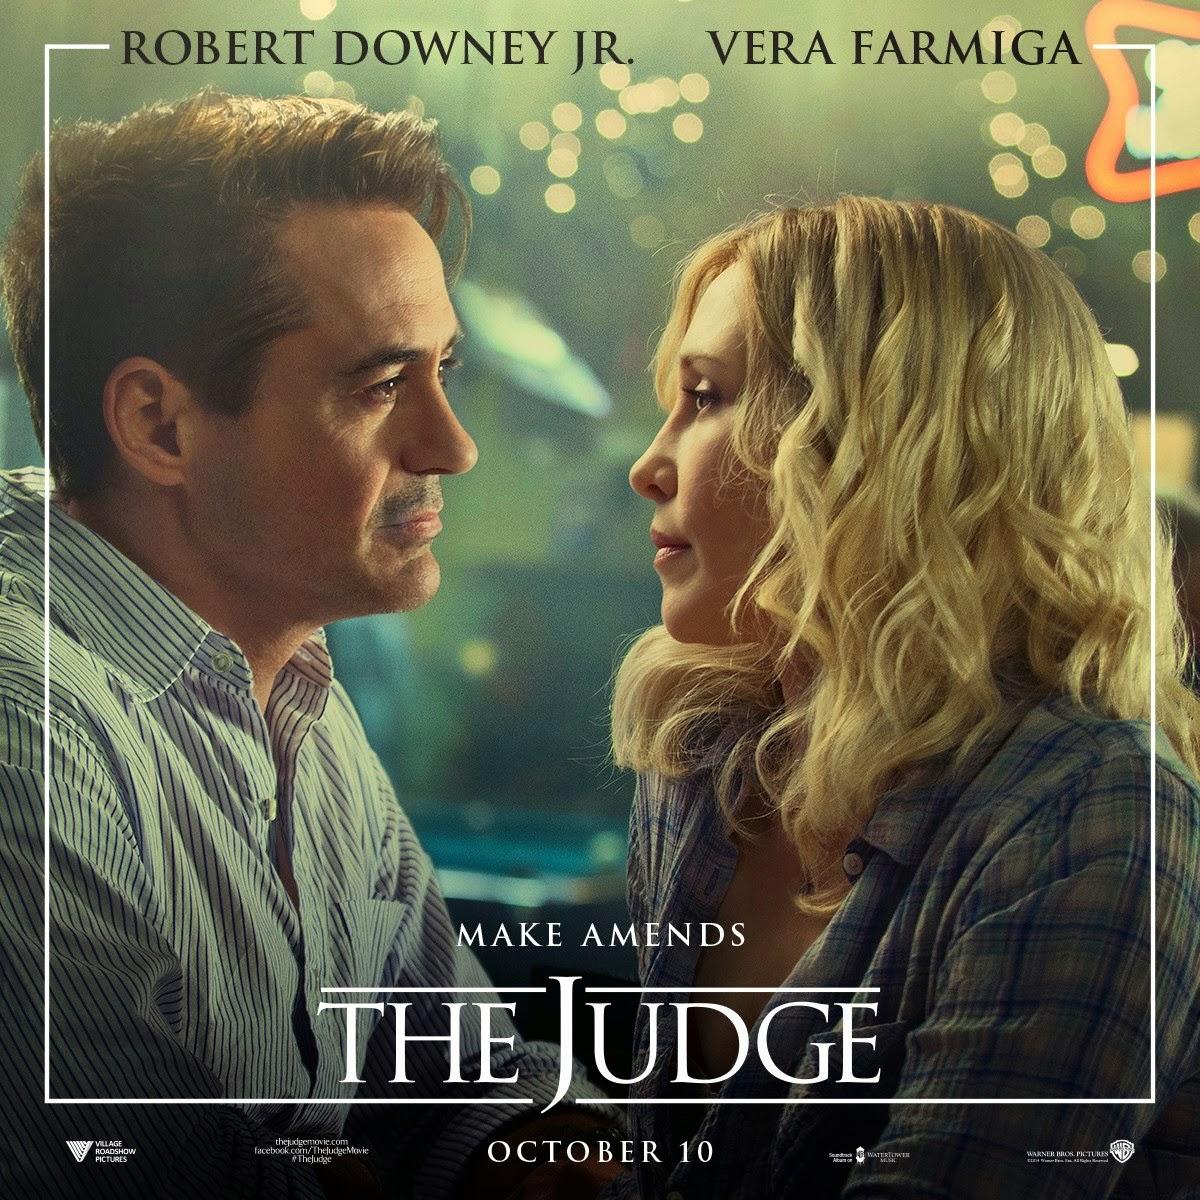 the judge-robert downey jr-vera farmiga